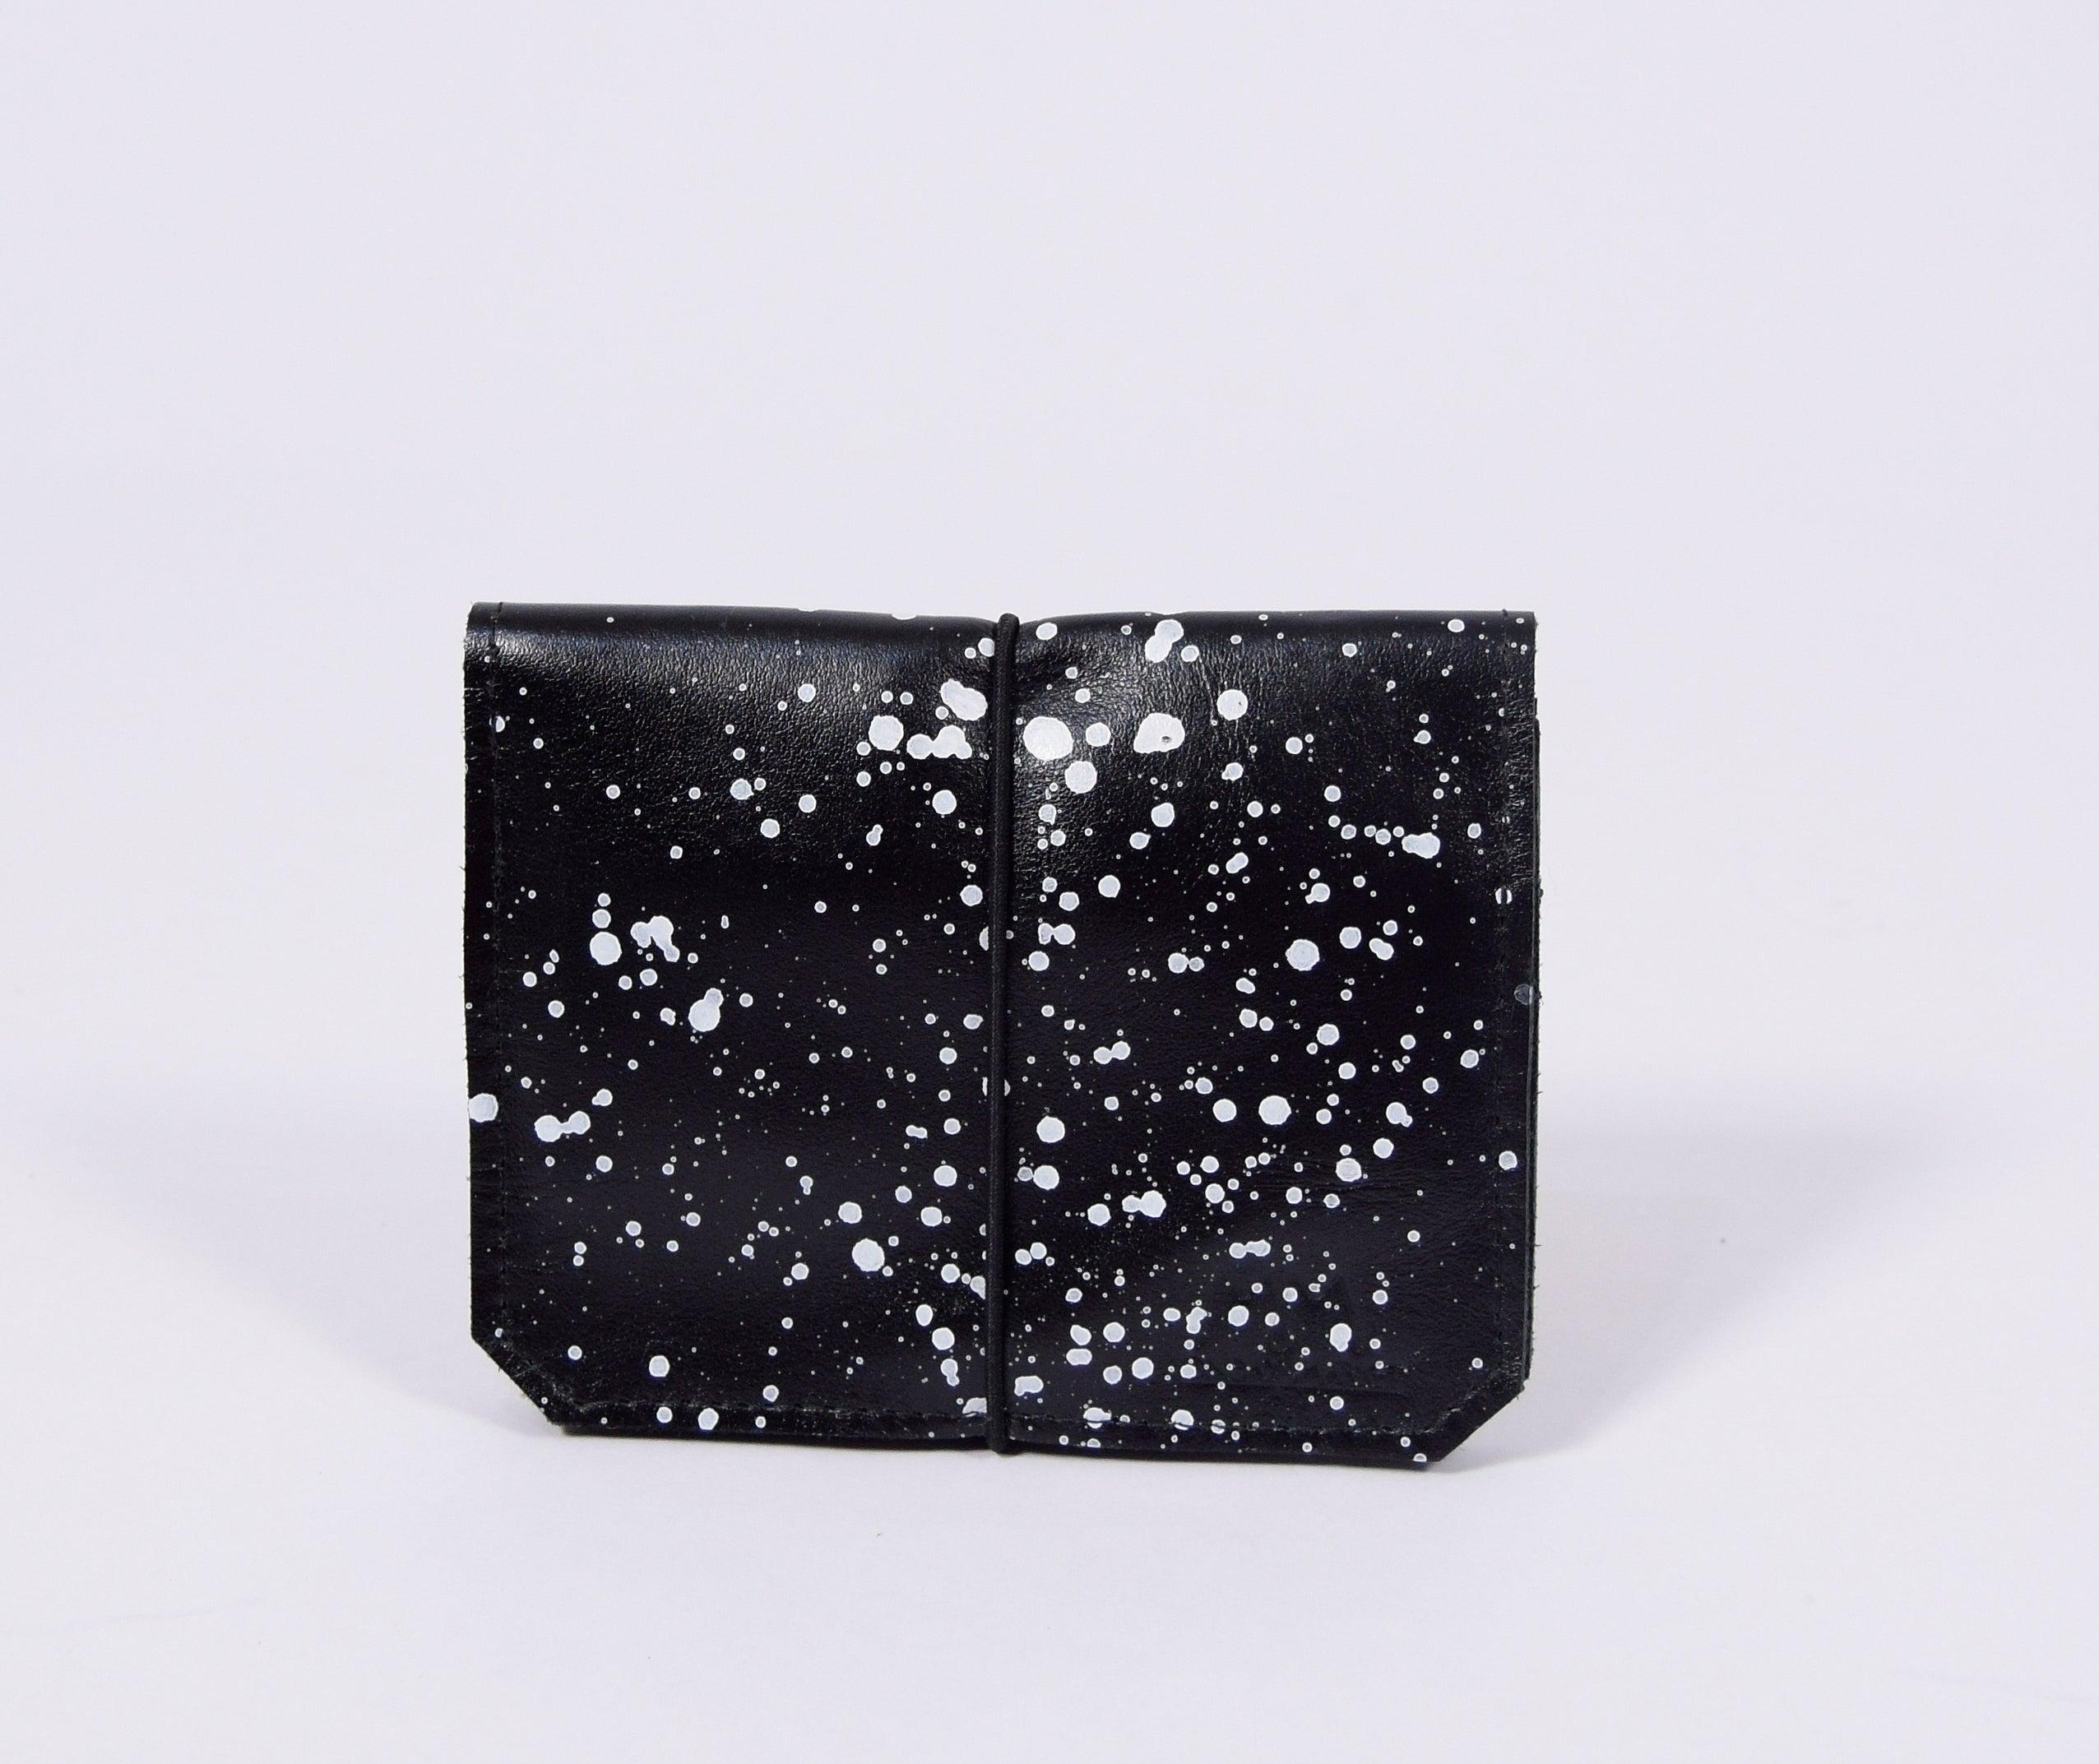 Schwarzes gepunktetes Leder-Portemonnaie